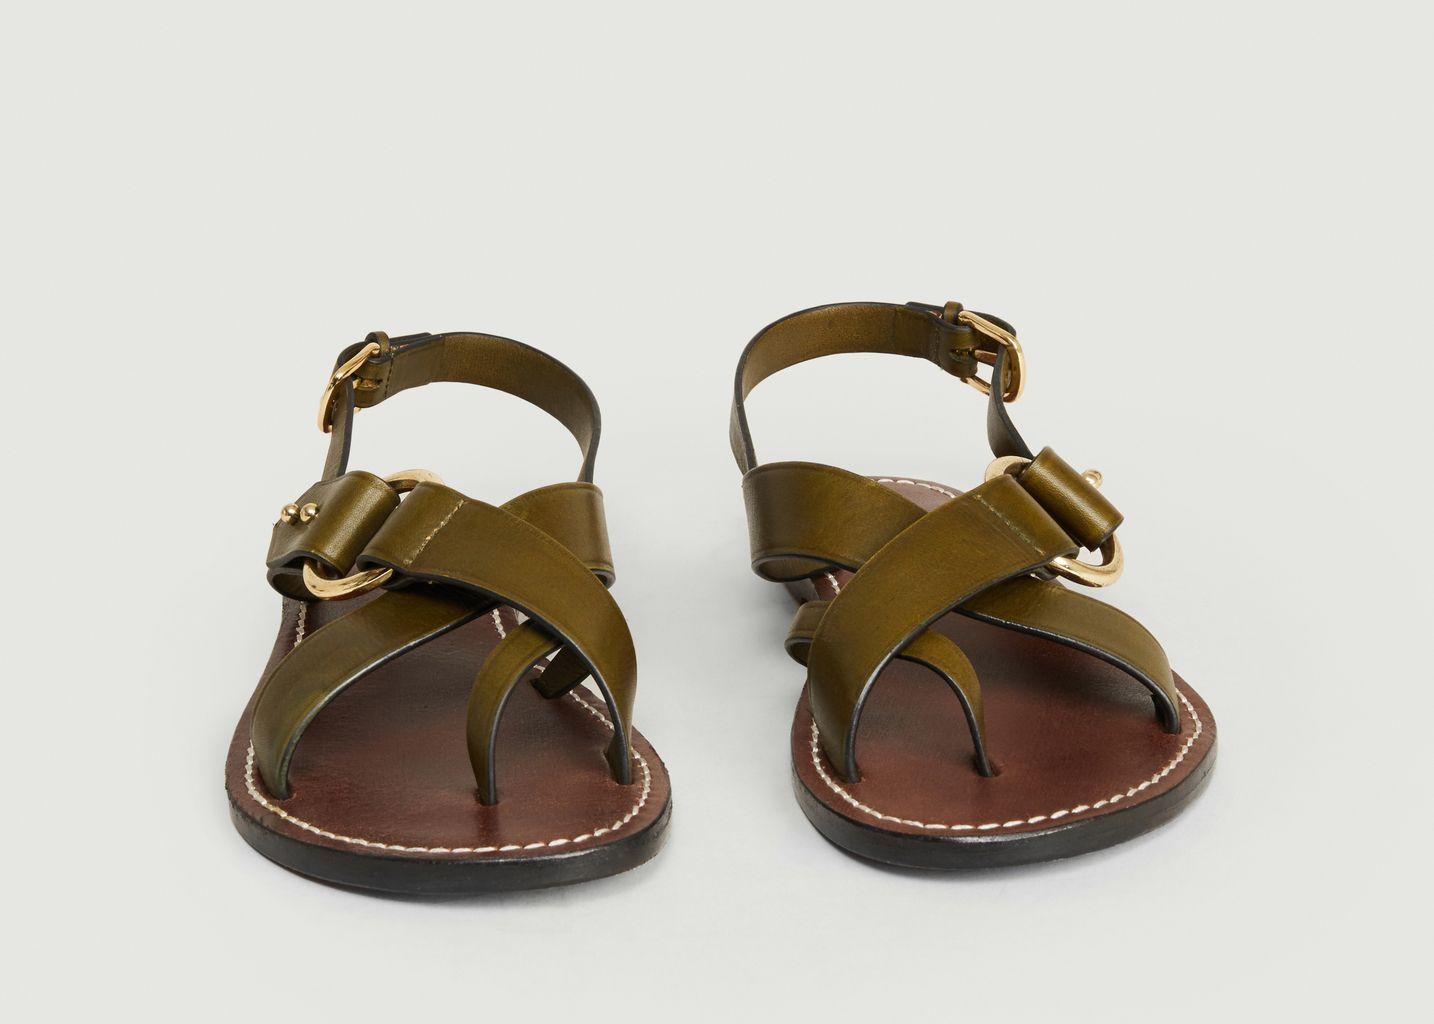 Sandales Florence  - Soeur